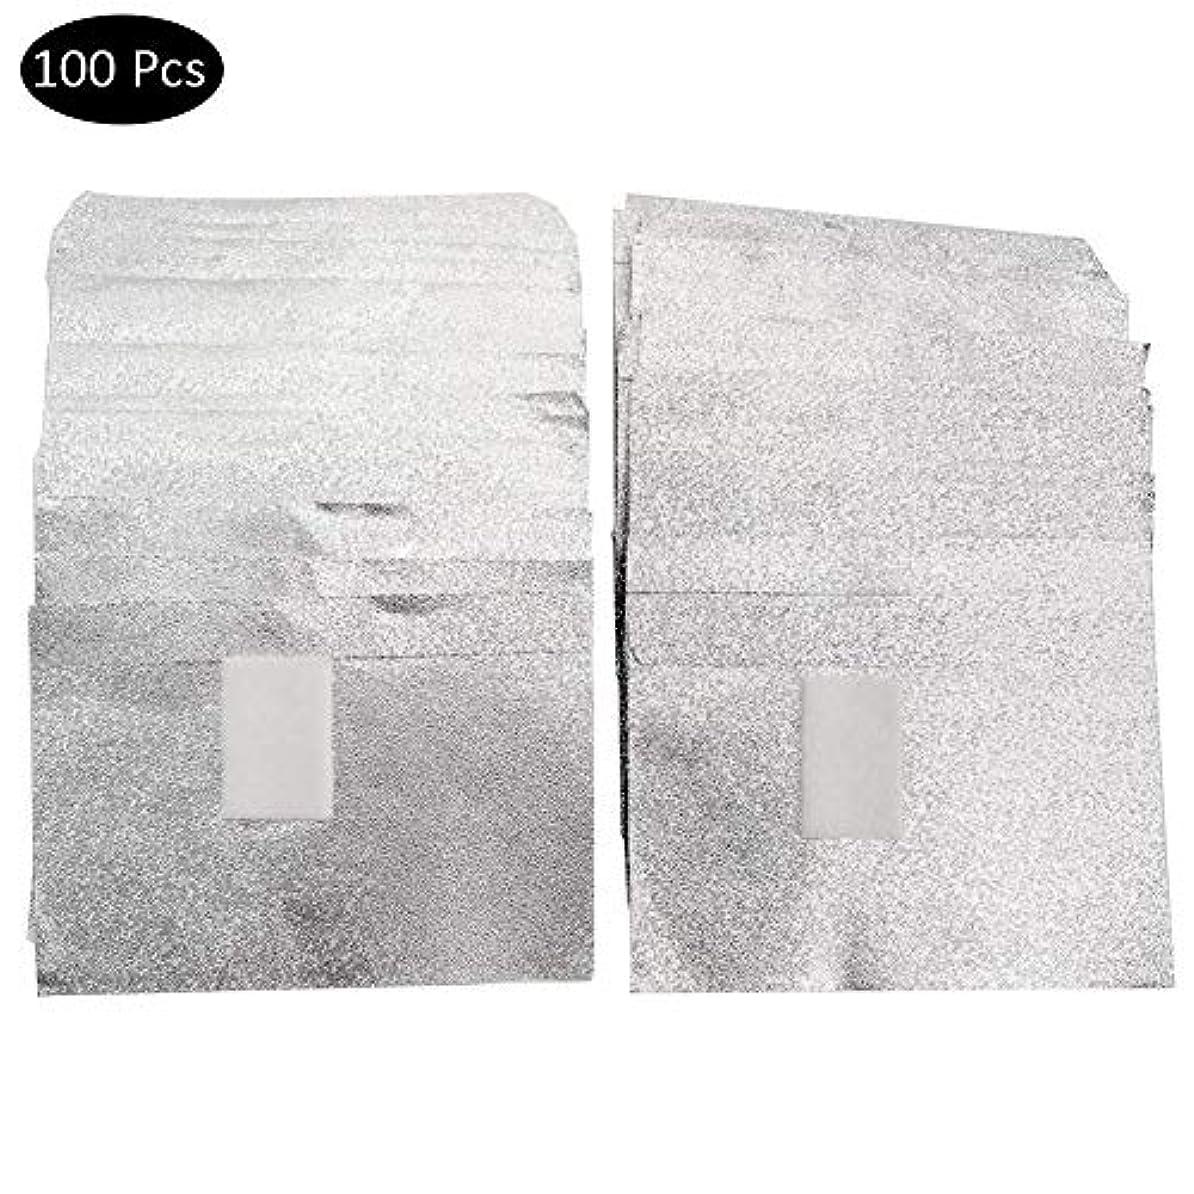 に話す落ち着いた高度SILUN ネイルリムーバー錫箔ネイルポリッシュットン付きアルミホイル ジェル除却 使い捨て 爪マニキュア用品100枚入り使い捨て コットン付きアルミホイル ネイル用品 マニキュア用品